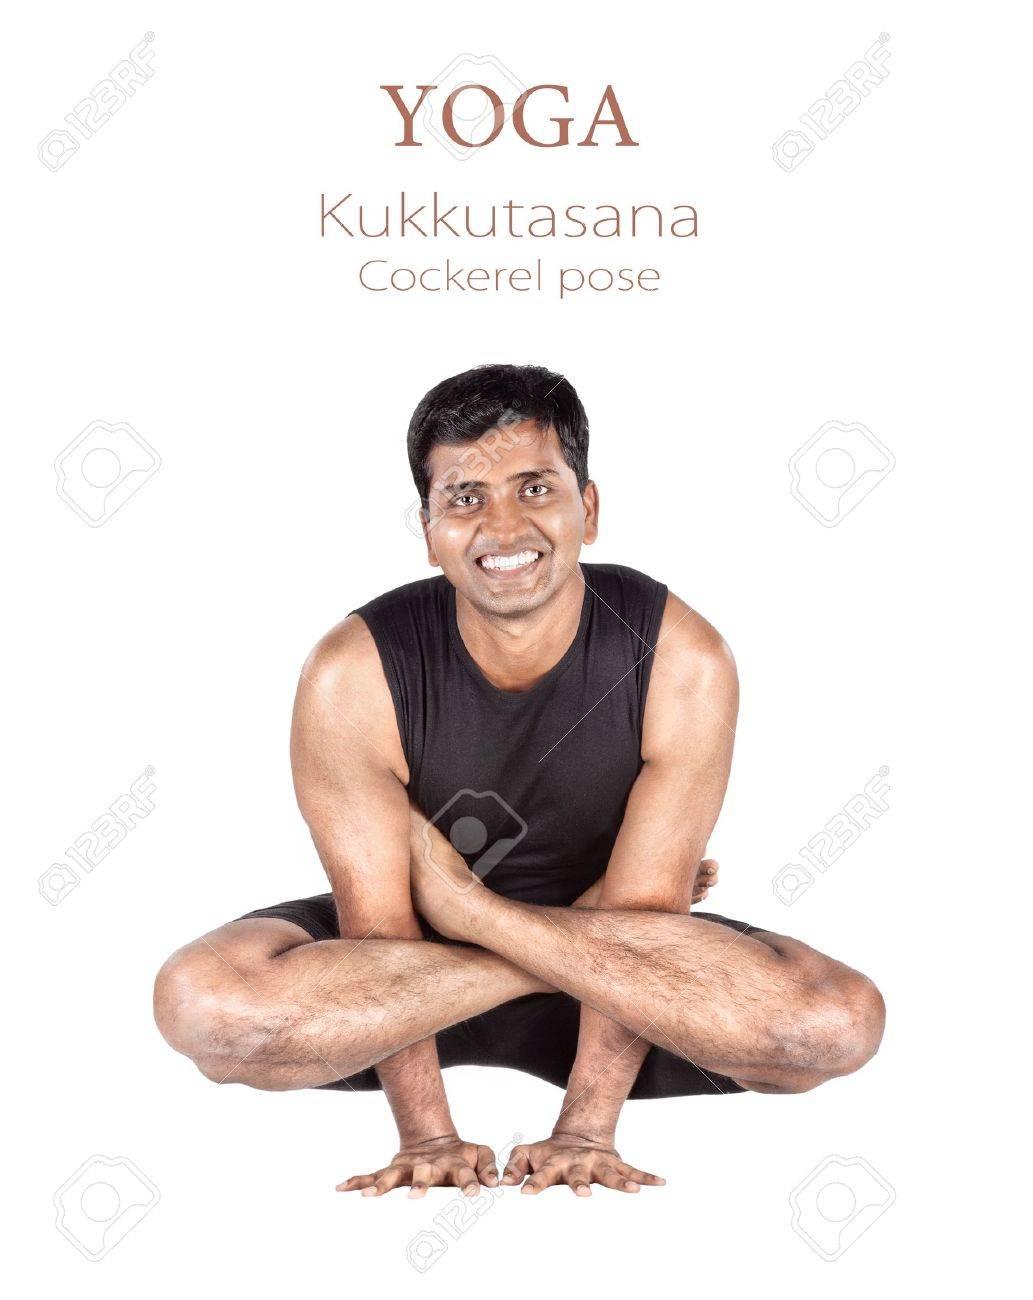 Yoga Kukkutasana Gallo Plantean Por El Hombre Indio En Paño Negro ...